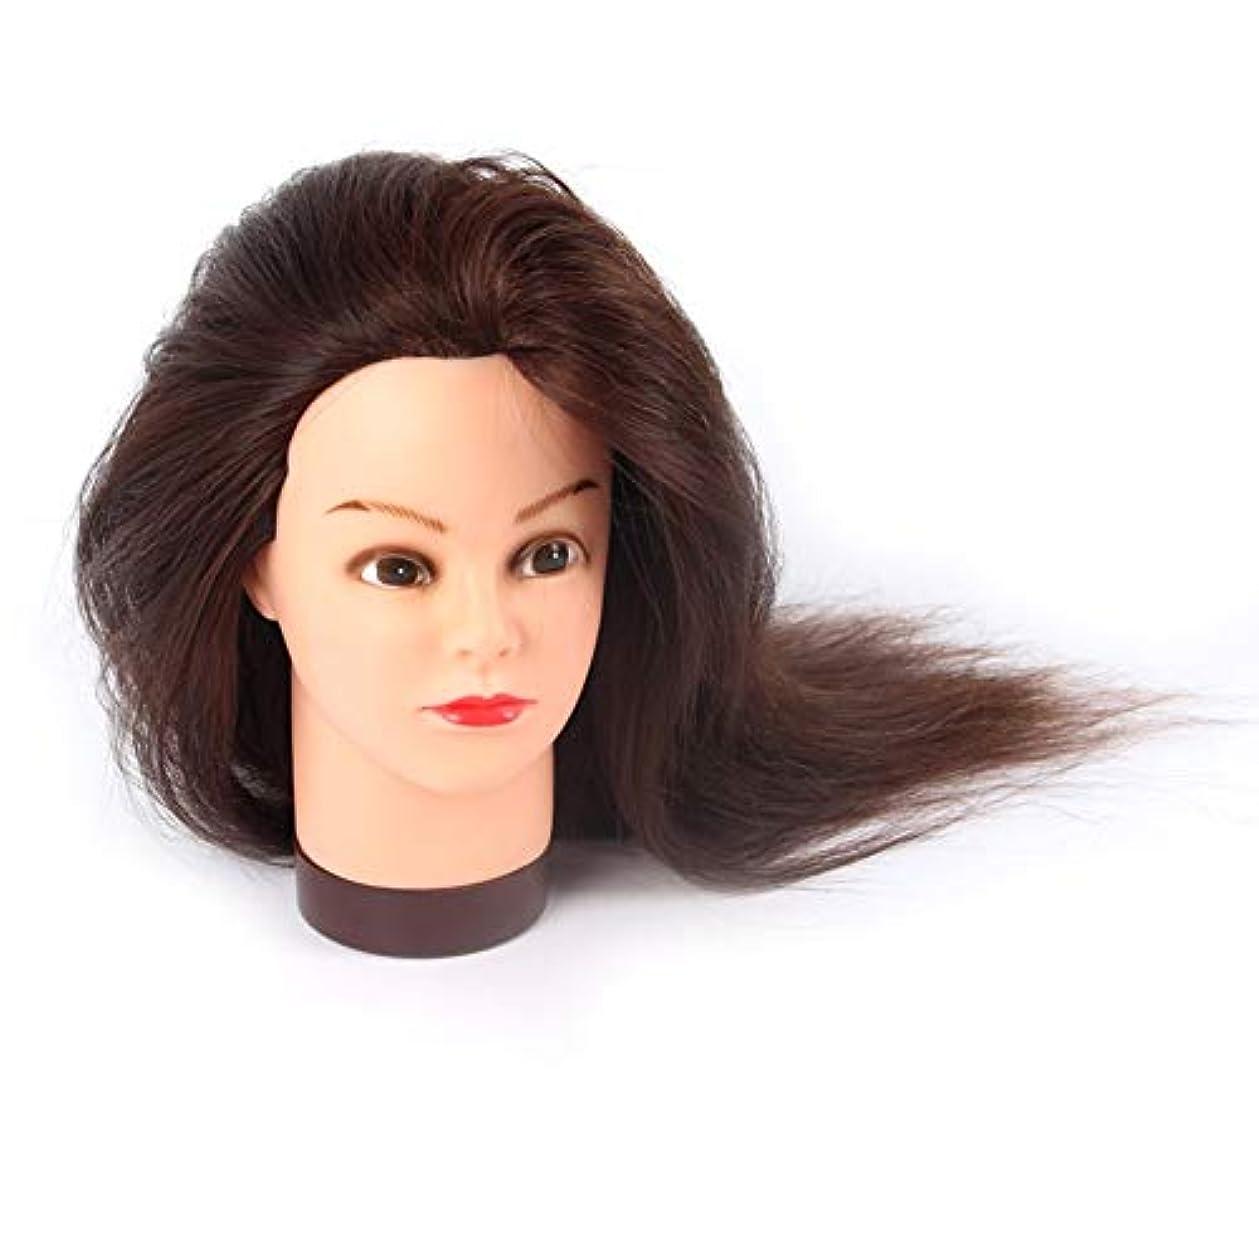 慎重に寝室を掃除するサバントリアルヘア熱いロール指導ヘッド理髪店学習パーマ髪染めダミーヘッド花嫁メイクモデリングマネキンヘッド